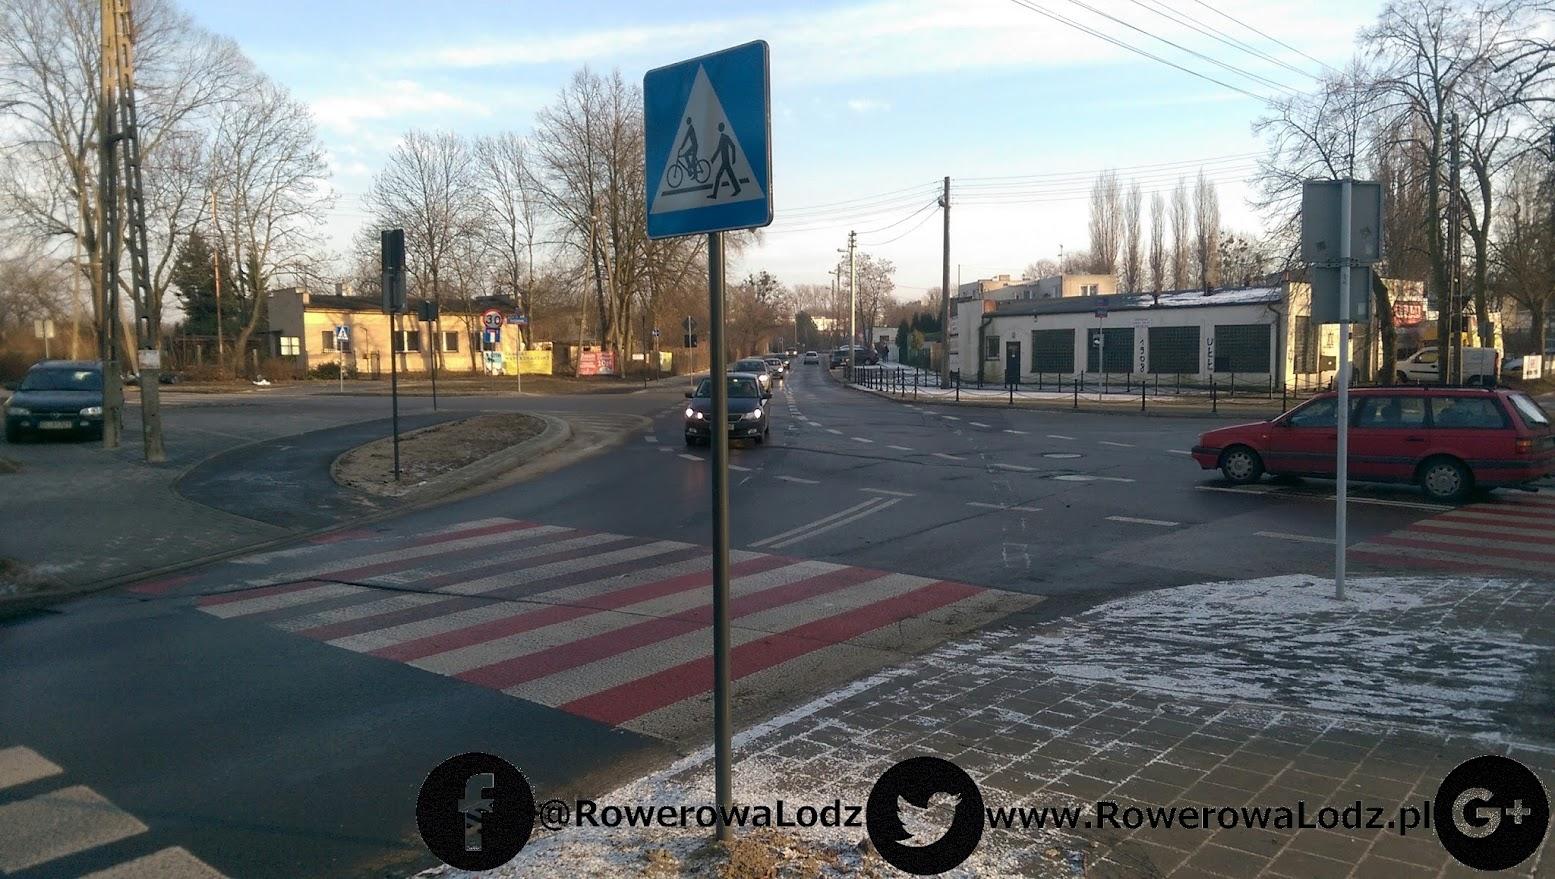 Skrzyżowanie z ul. Borową. Znaki pionowe mówią o przejeździe, którego jeszcze nie wymalowano.